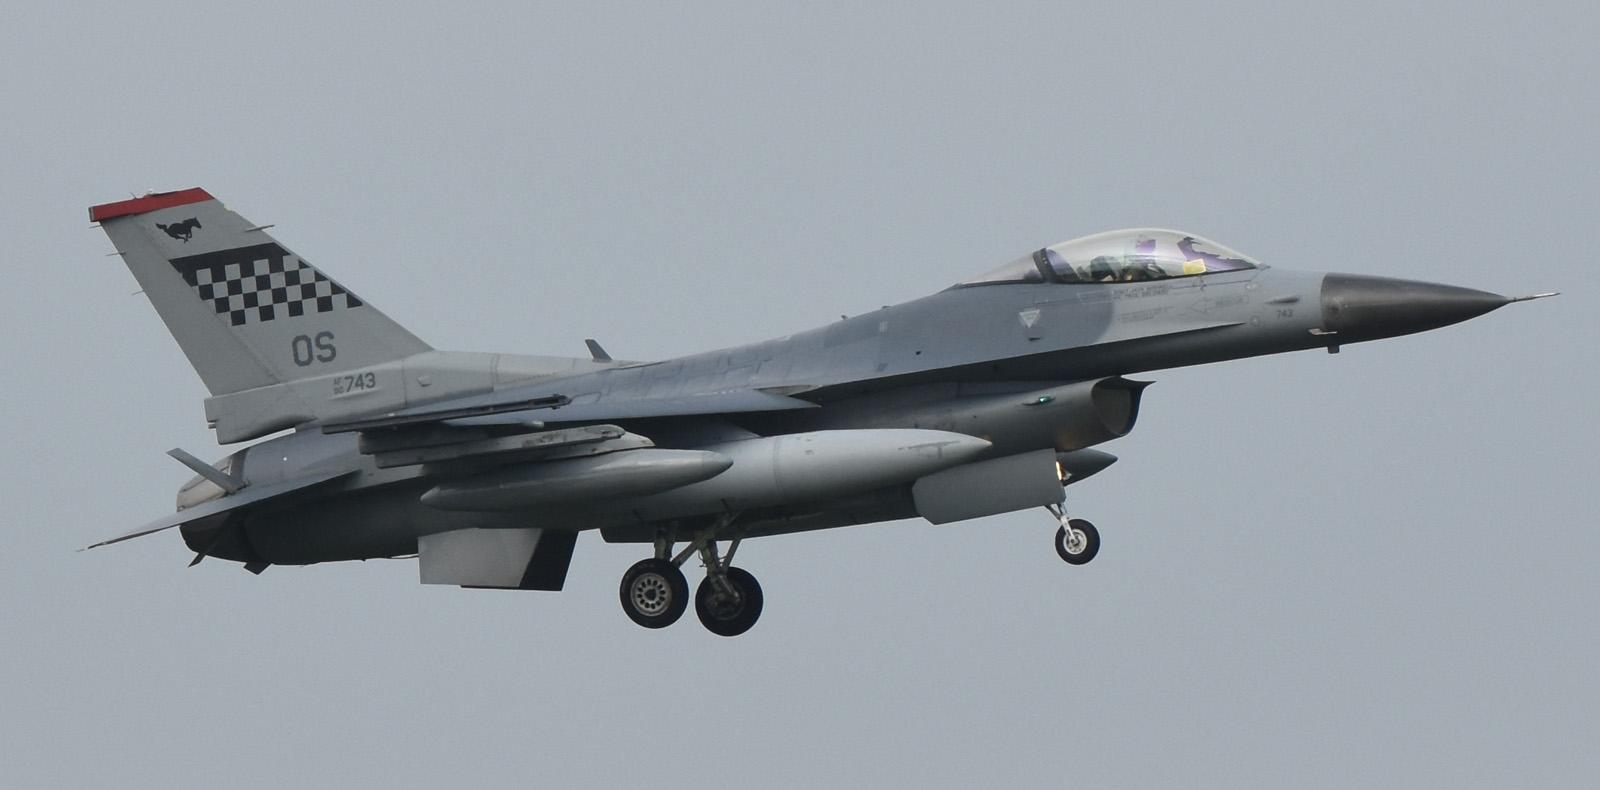 F16cm160706g105